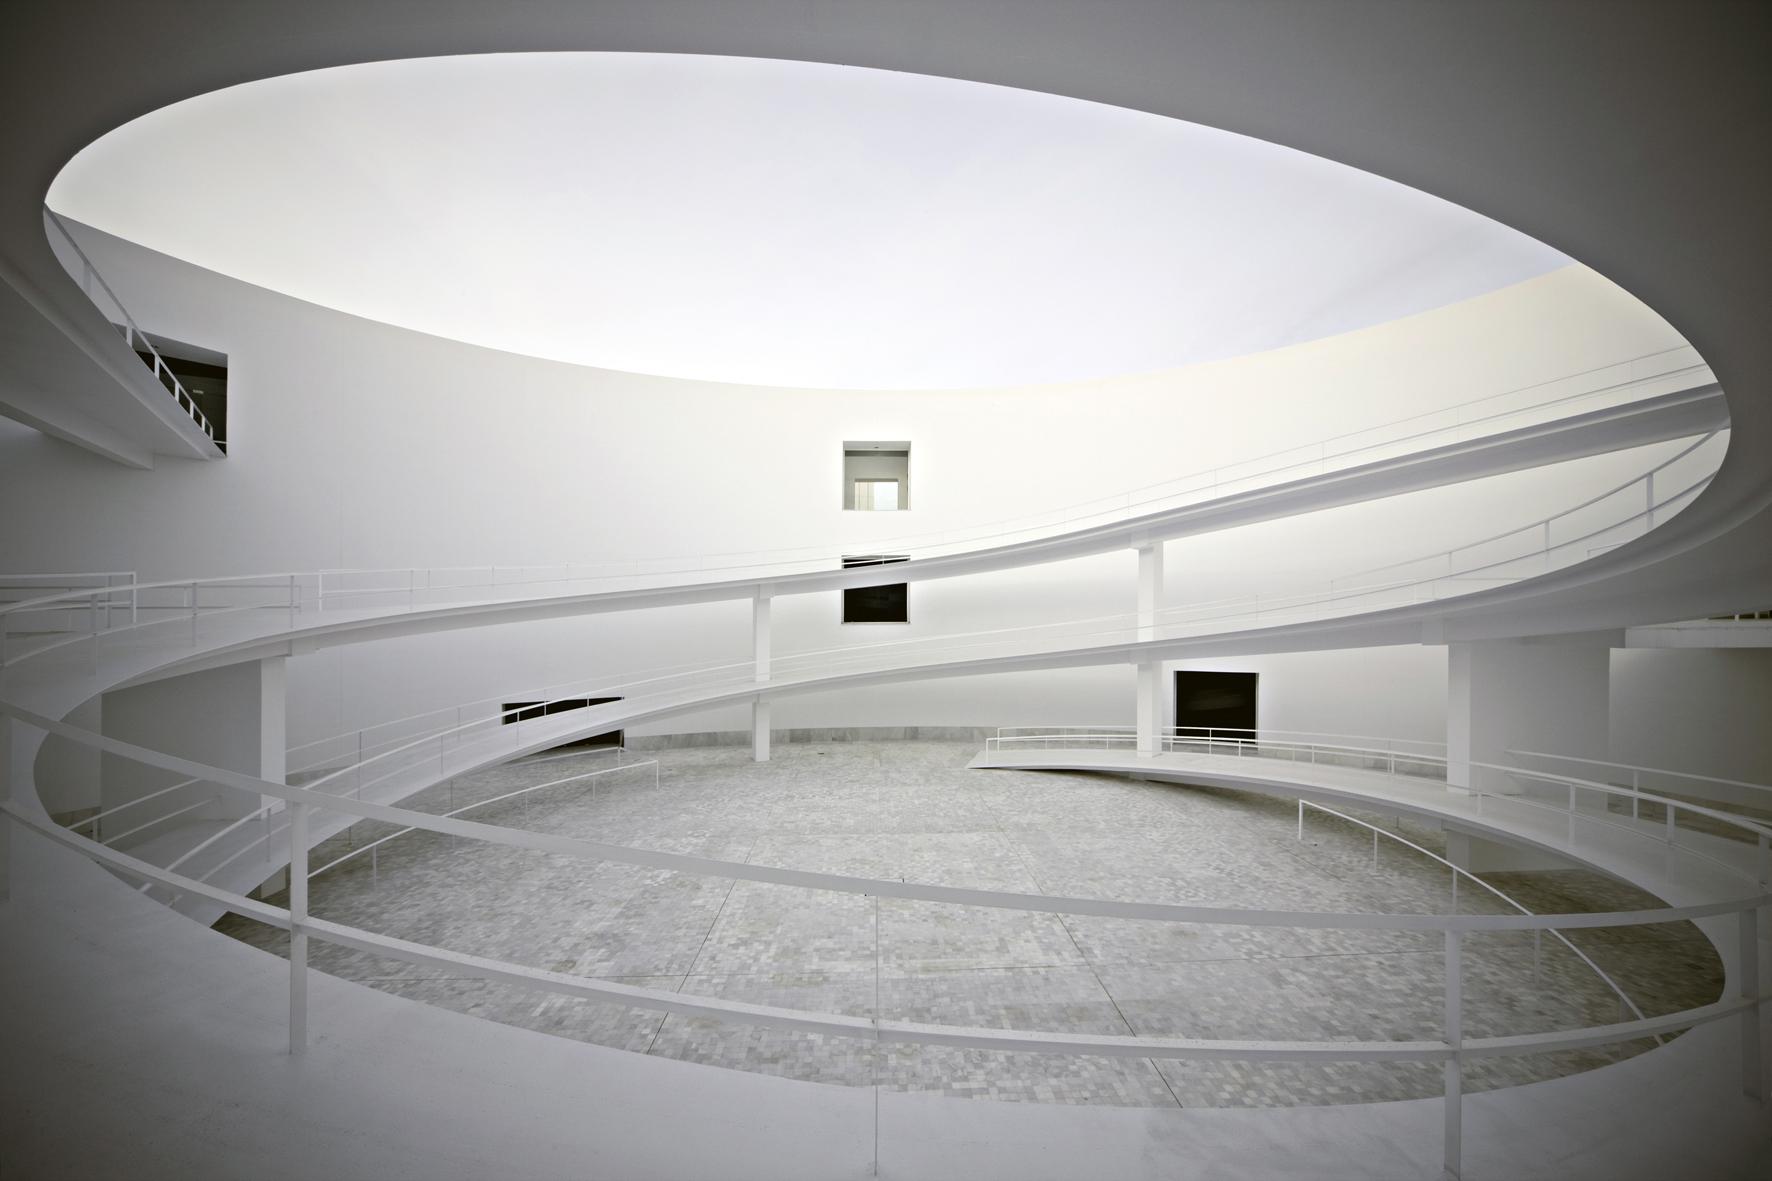 Alberto Campo Baeza Museo Andalucia 2009 Rampa 2